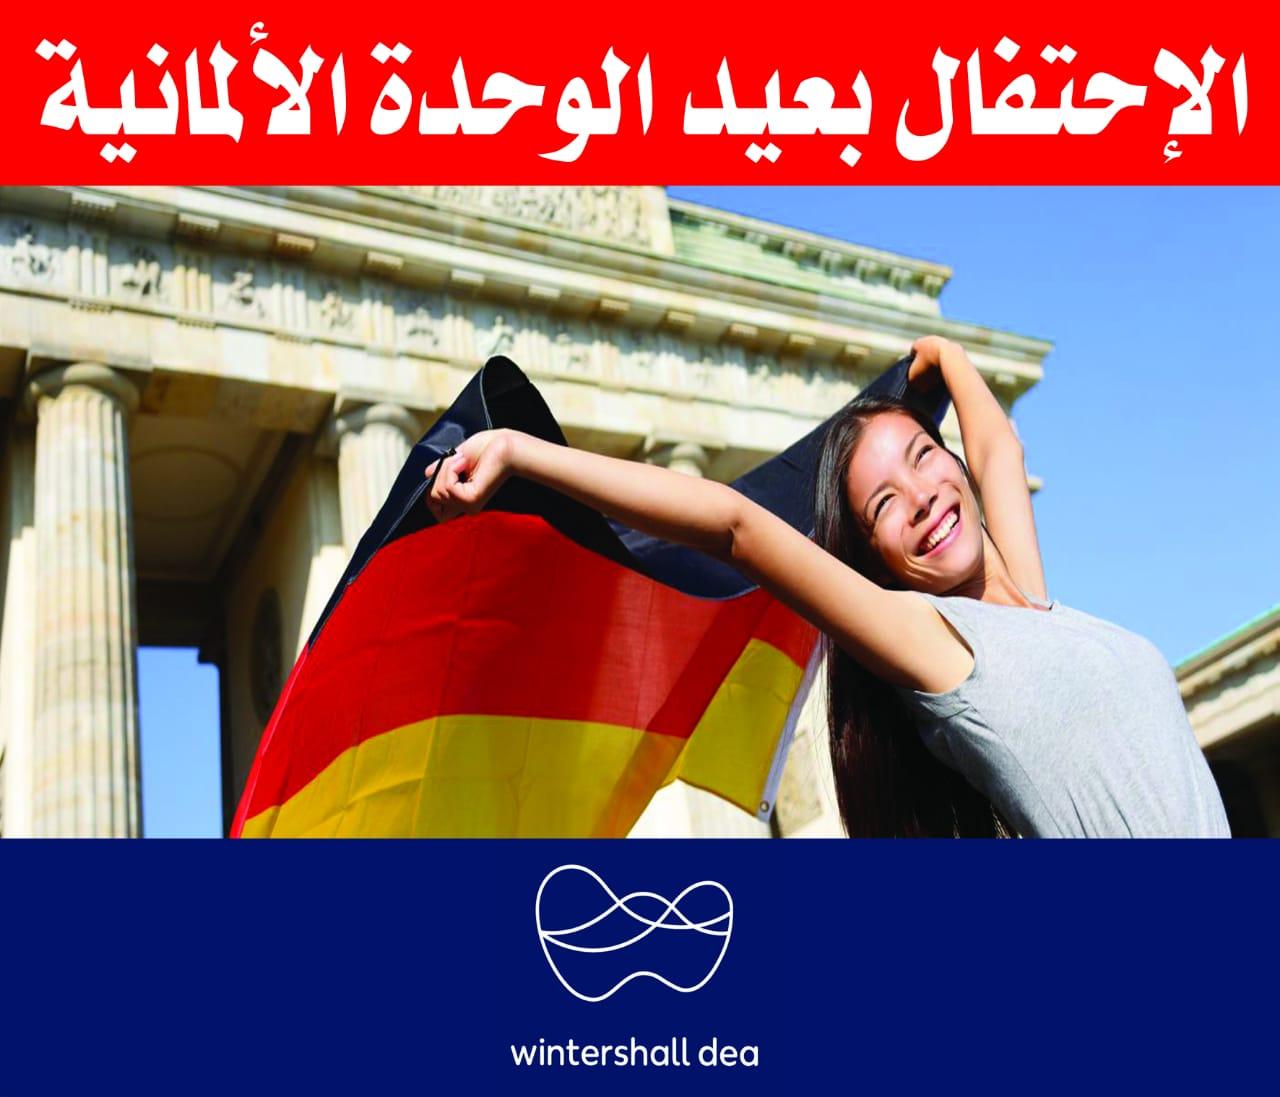 الاحتفال بيوم الوحدة الالمانية